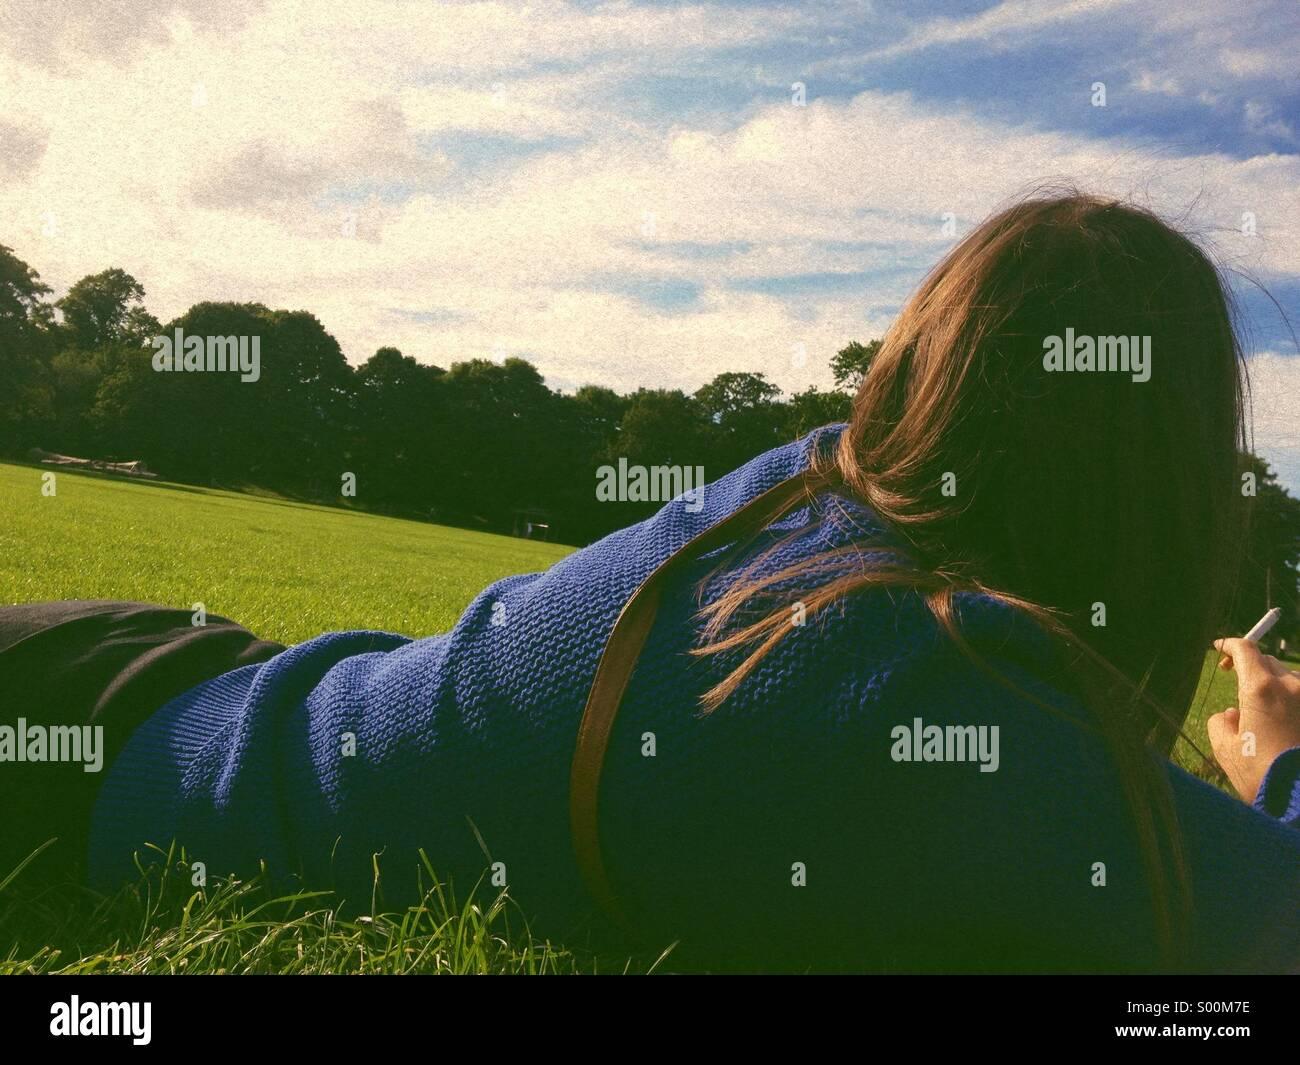 Girl looking away - Stock Image